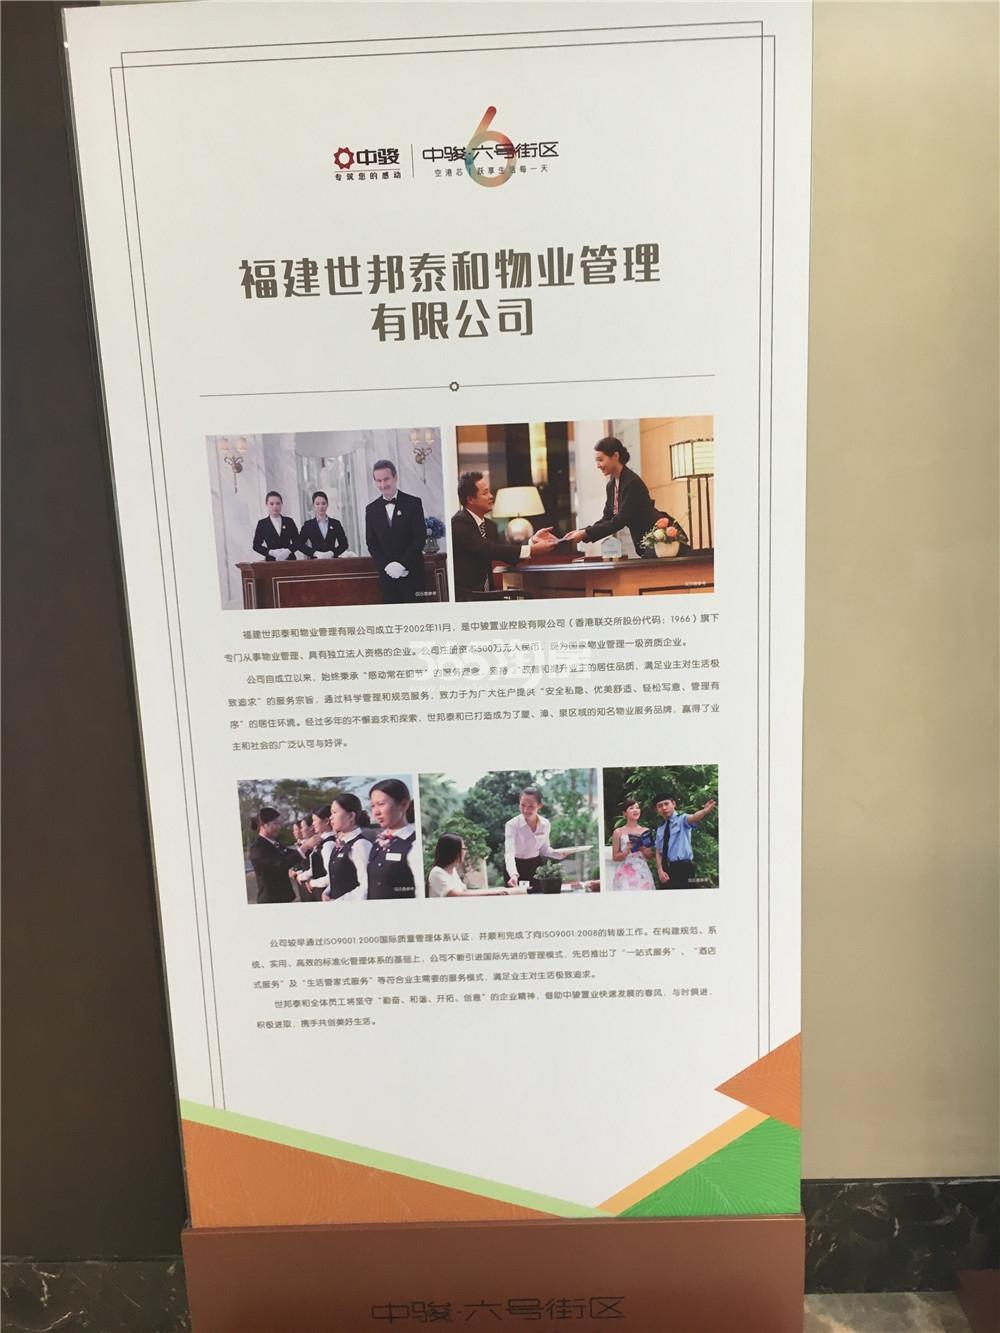 中骏六号街区物业介绍(1.16)